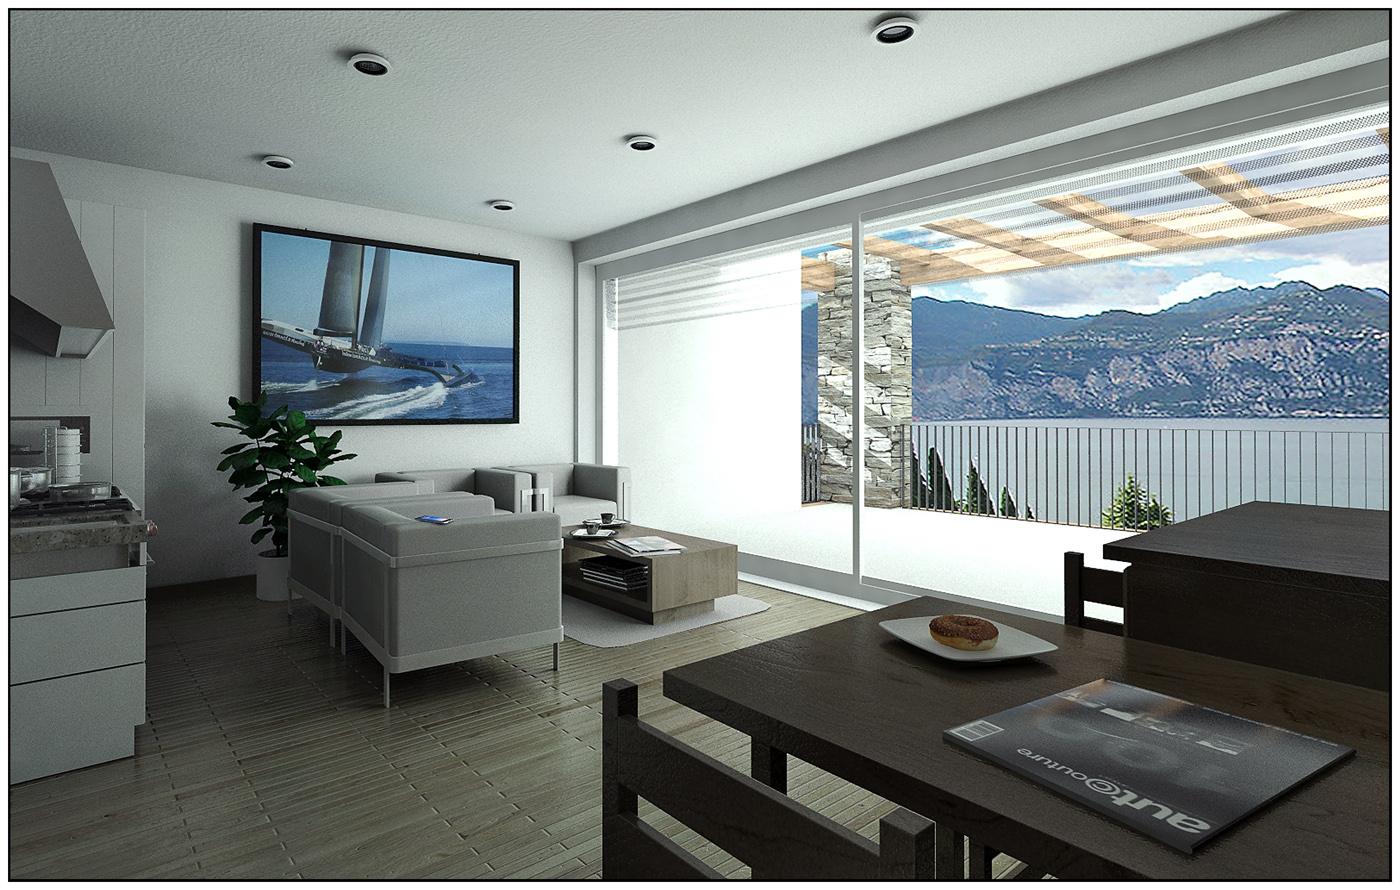 Appartamento vacanze Lago di Garda - [FINAL] Architettura e Interior ...